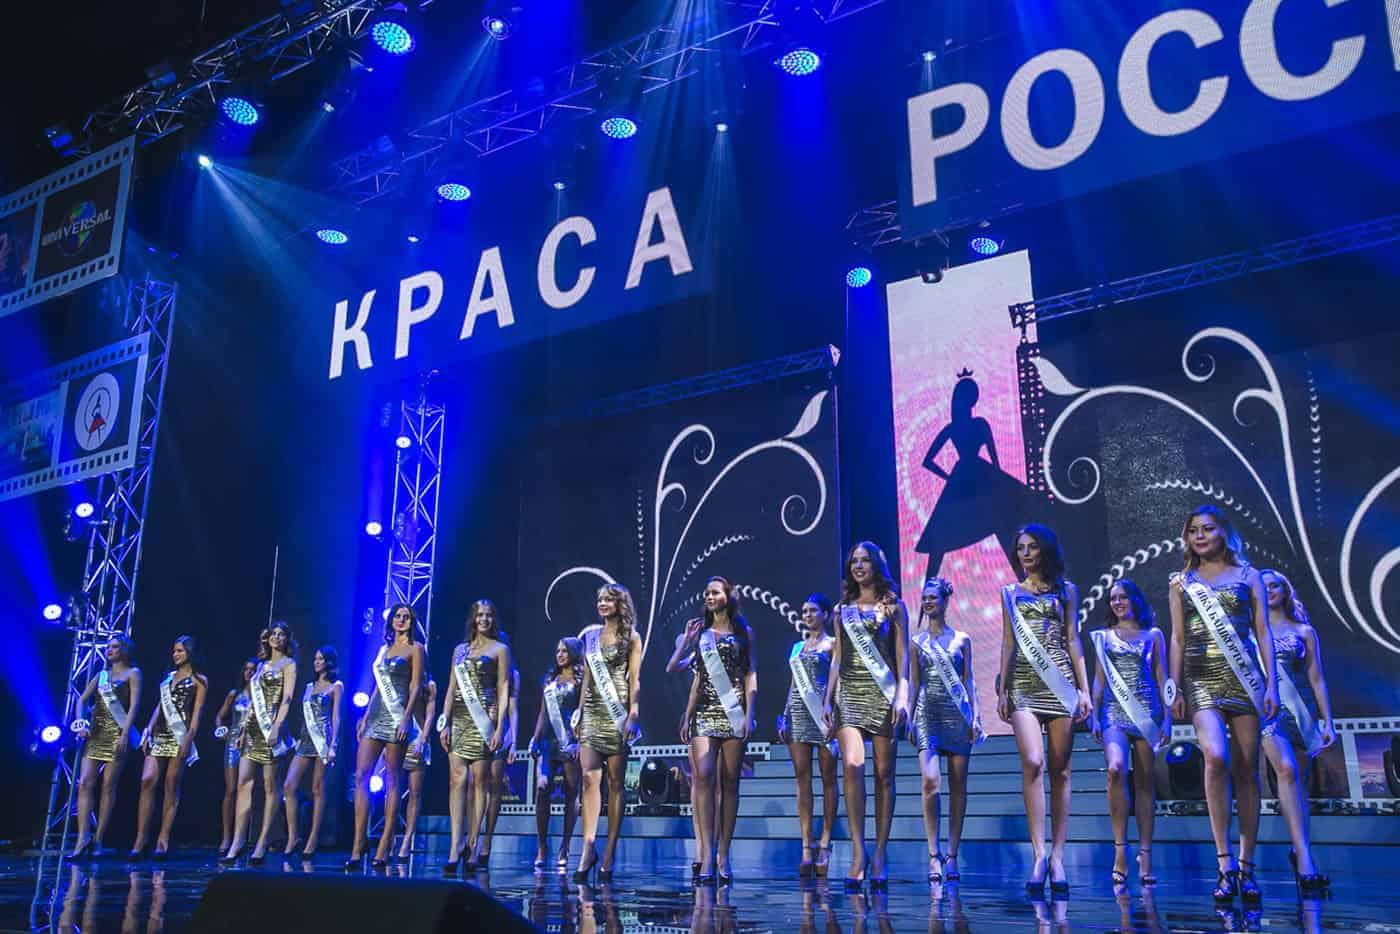 Конкурс красоты «Краса России»